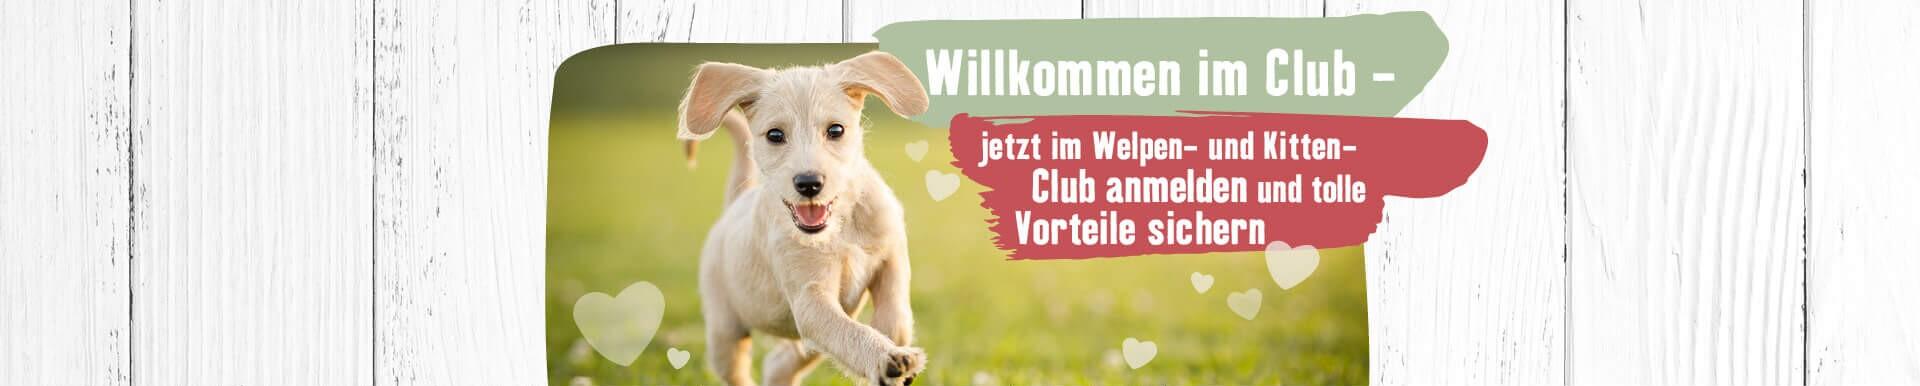 Willkommen im Welpen-Club